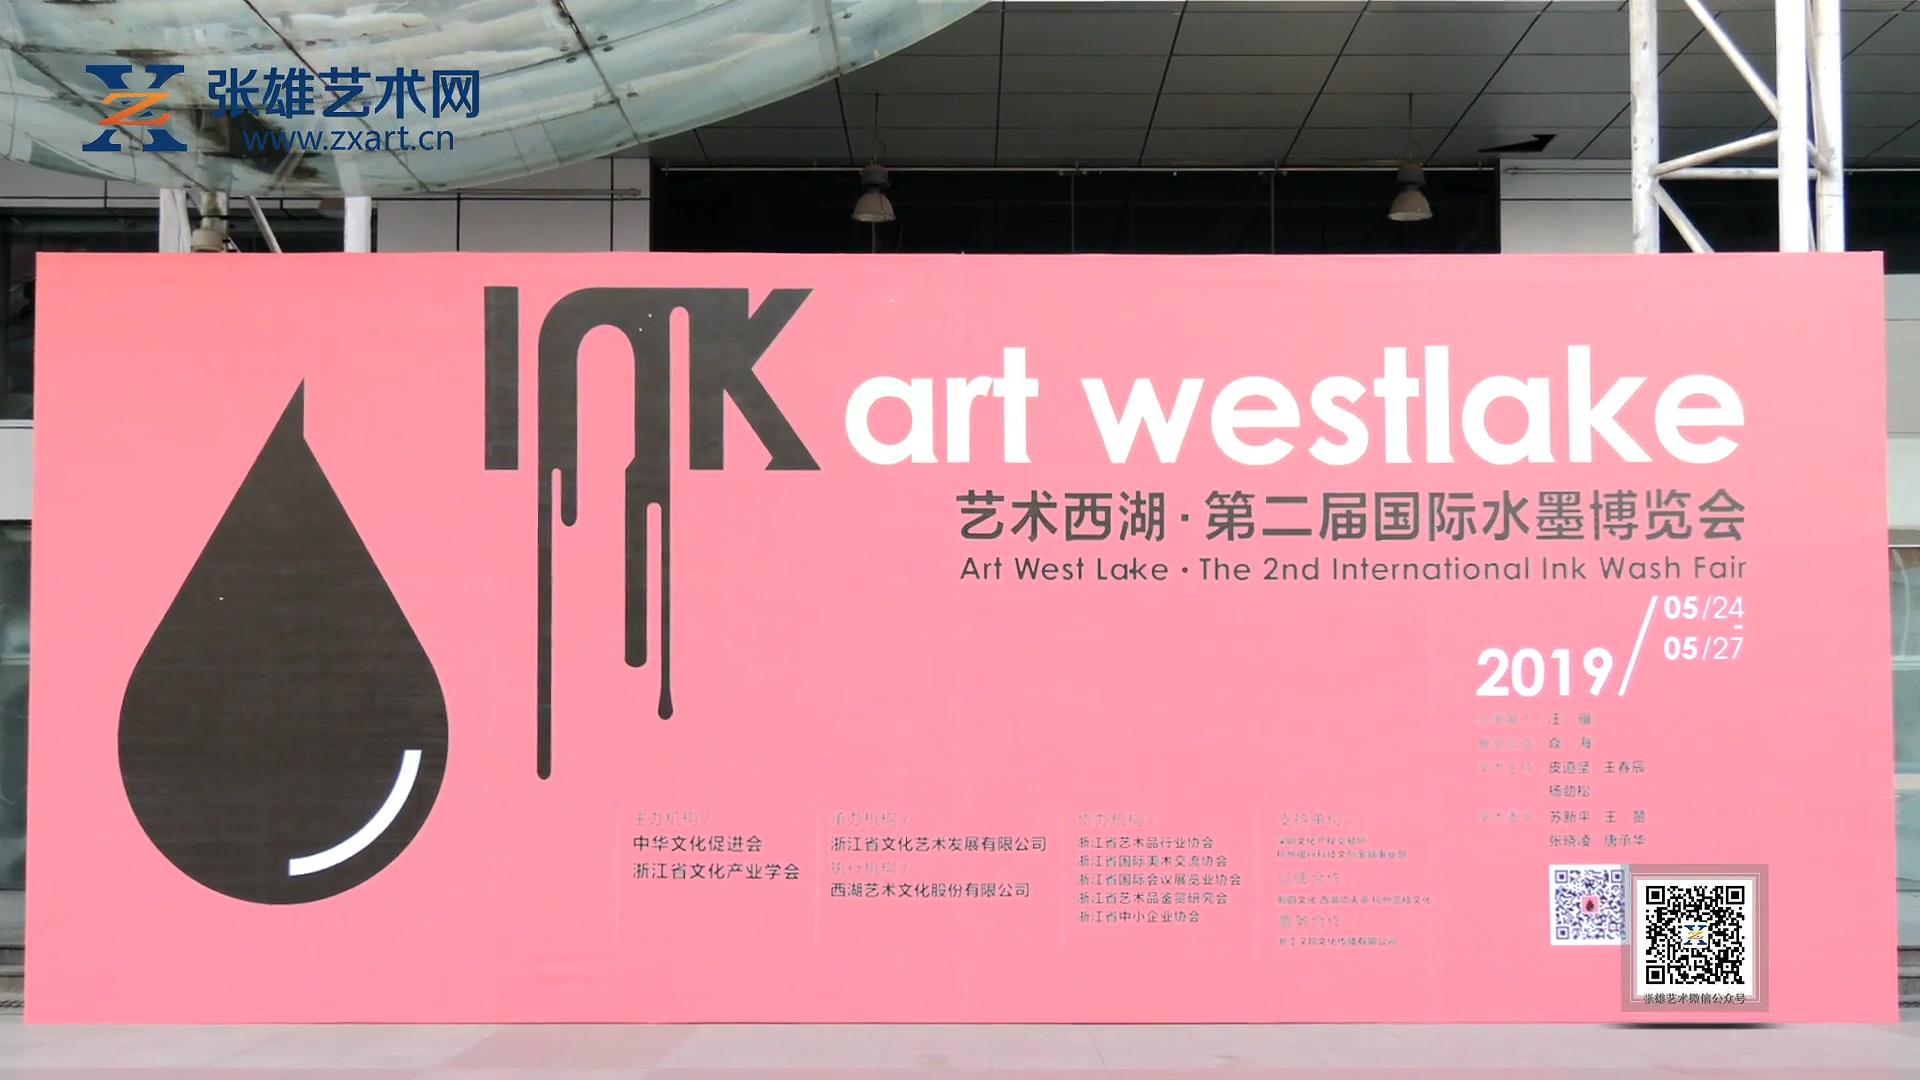 艺术西湖·第二届(2019)国际水墨博览会精彩盛况!